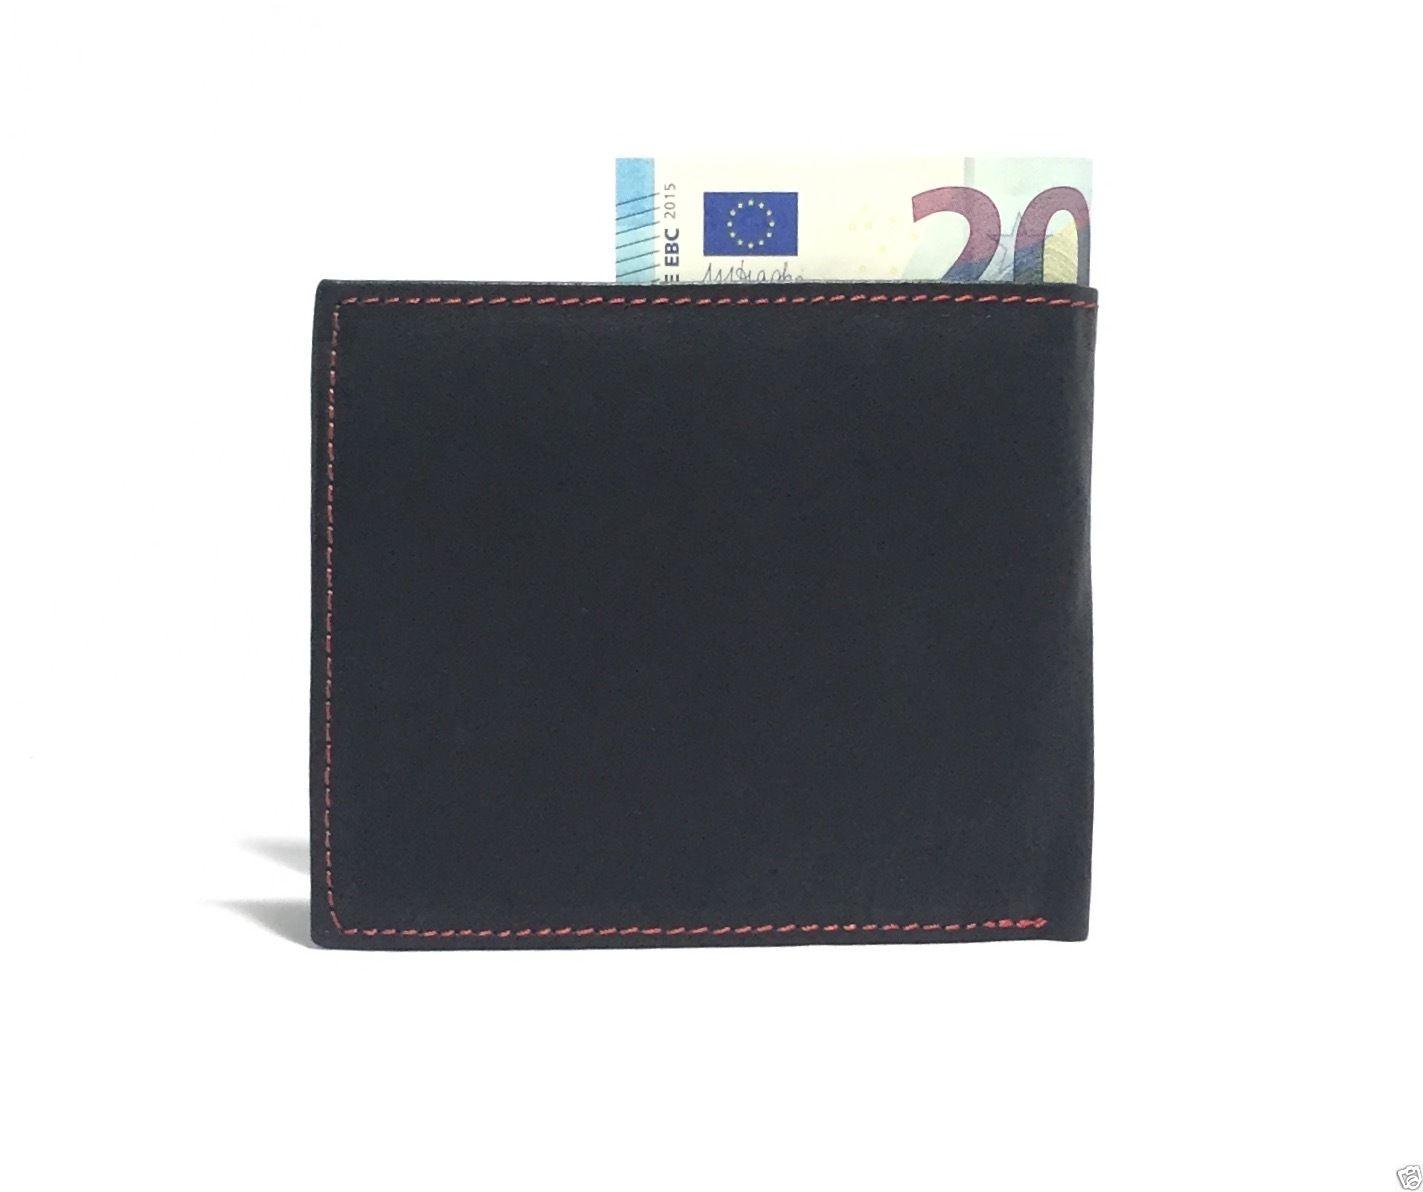 00e800bf08cb6 ... NEU Geldbörse Portmonee Portemonnaie Geldbeutel Lederbörse Börse Herren  Damen ...